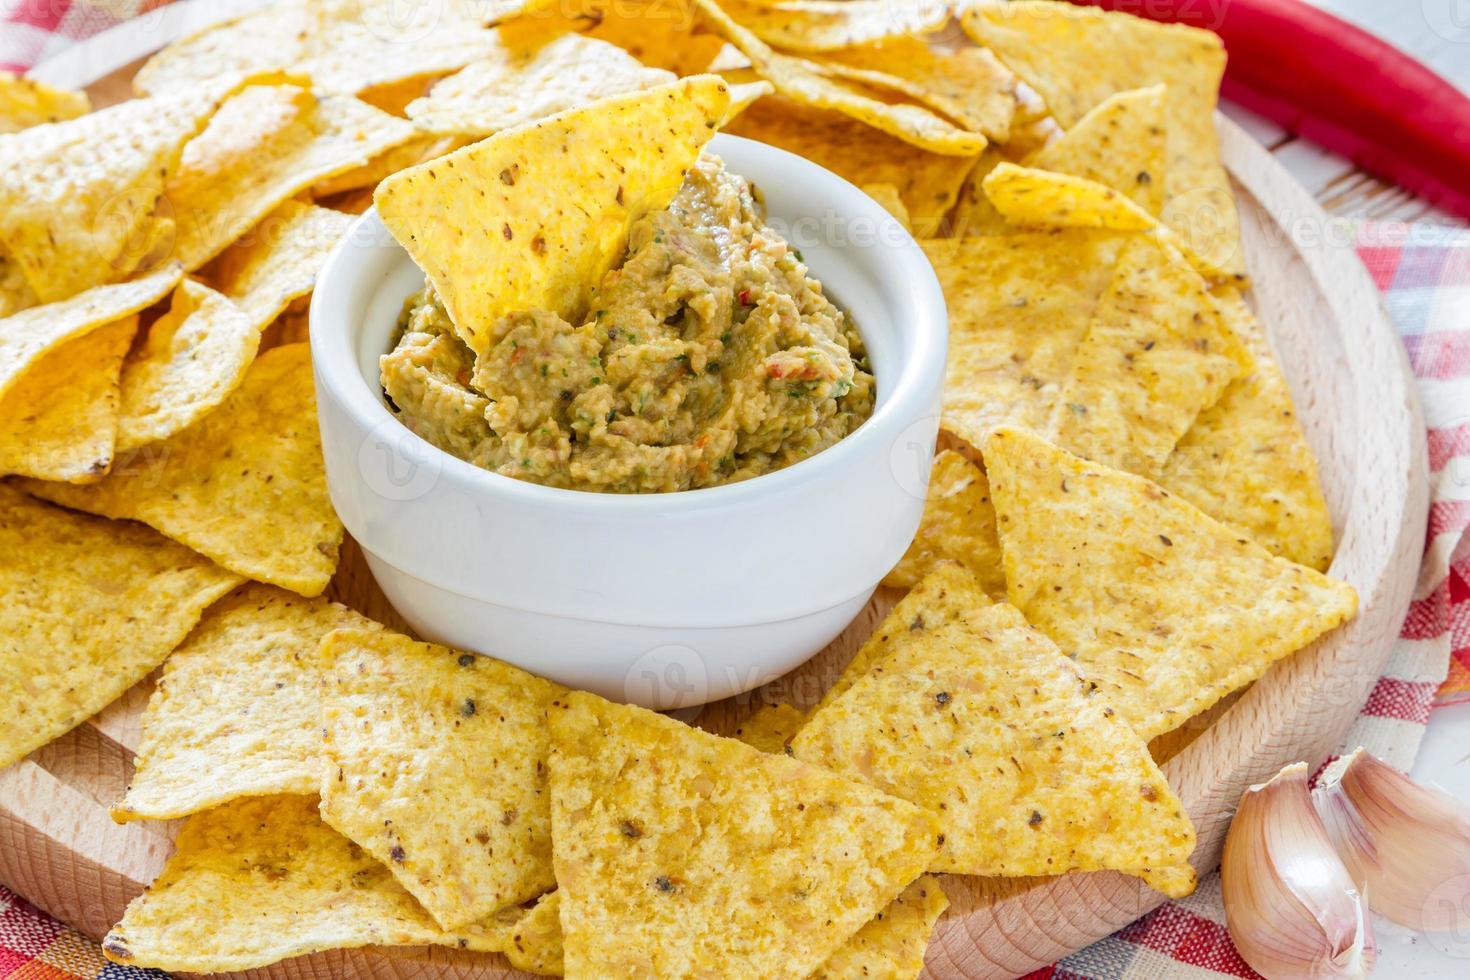 guacamolesås i vit skål, nacho chips på träplatta foto